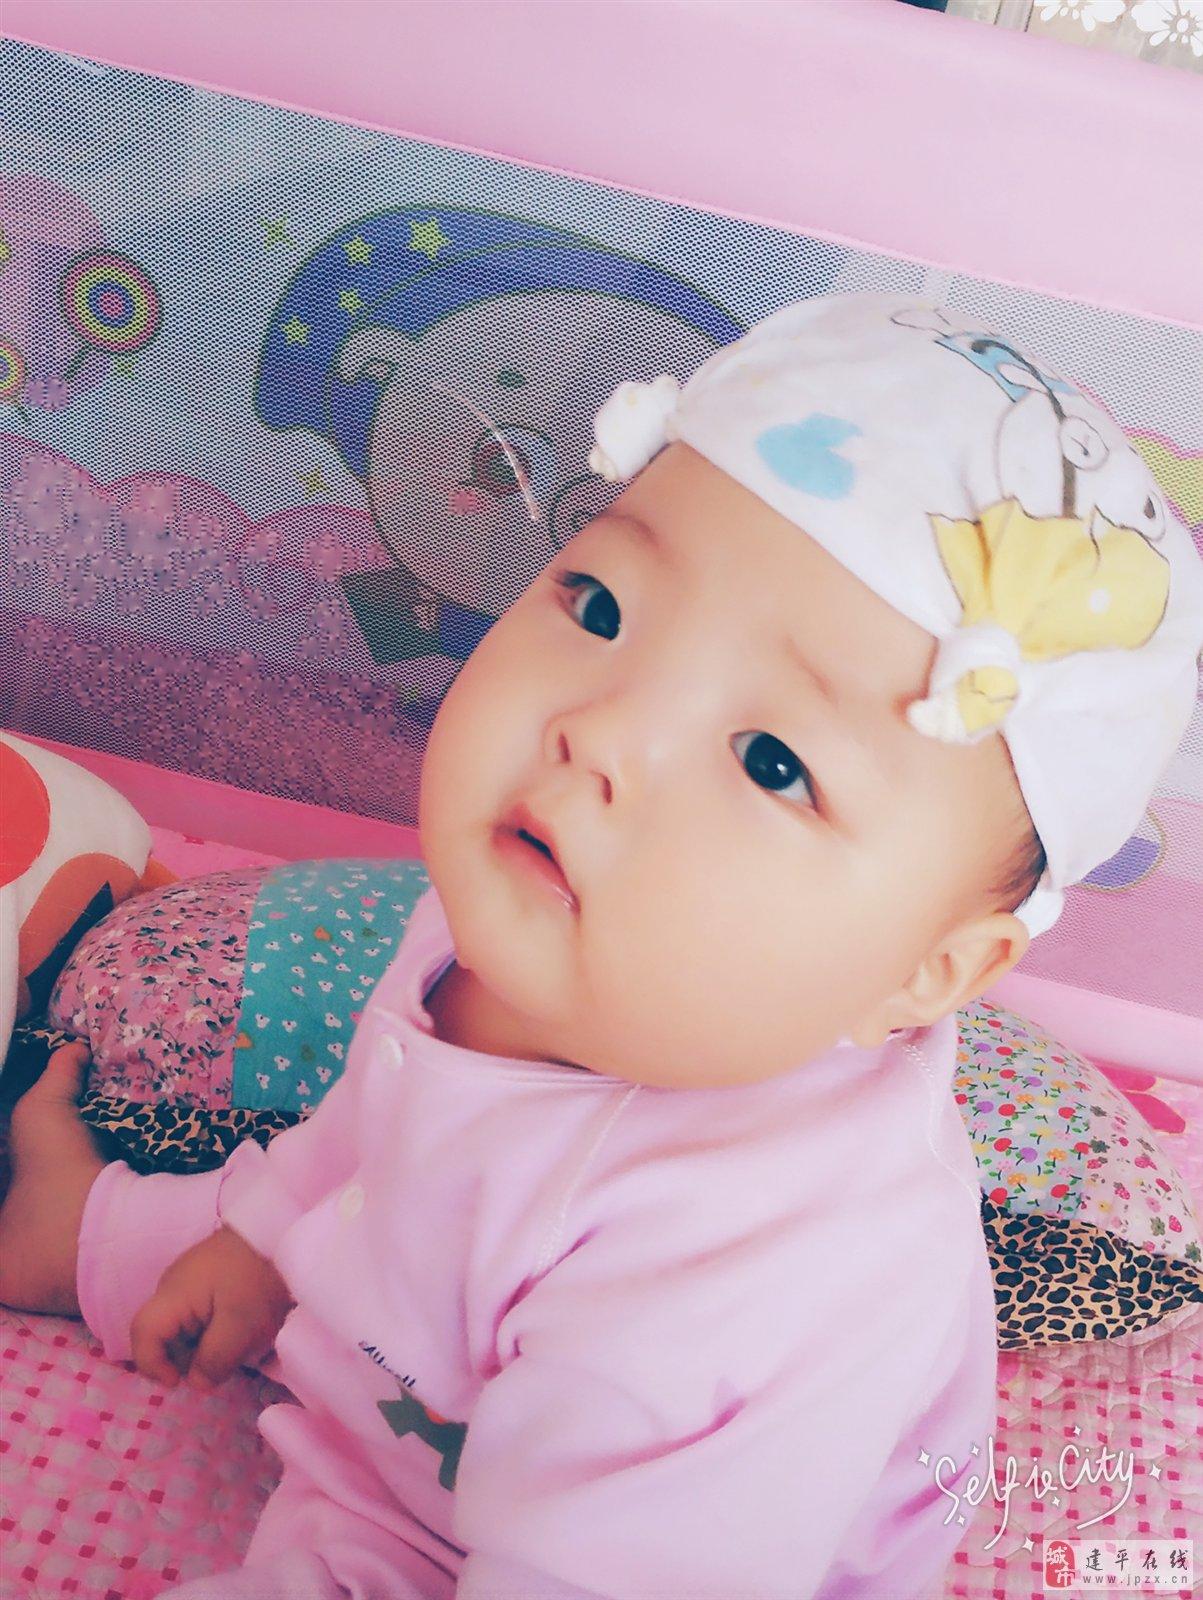 宝宝 壁纸 儿童 孩子 小孩 婴儿 1203_1600 竖版 竖屏 手机